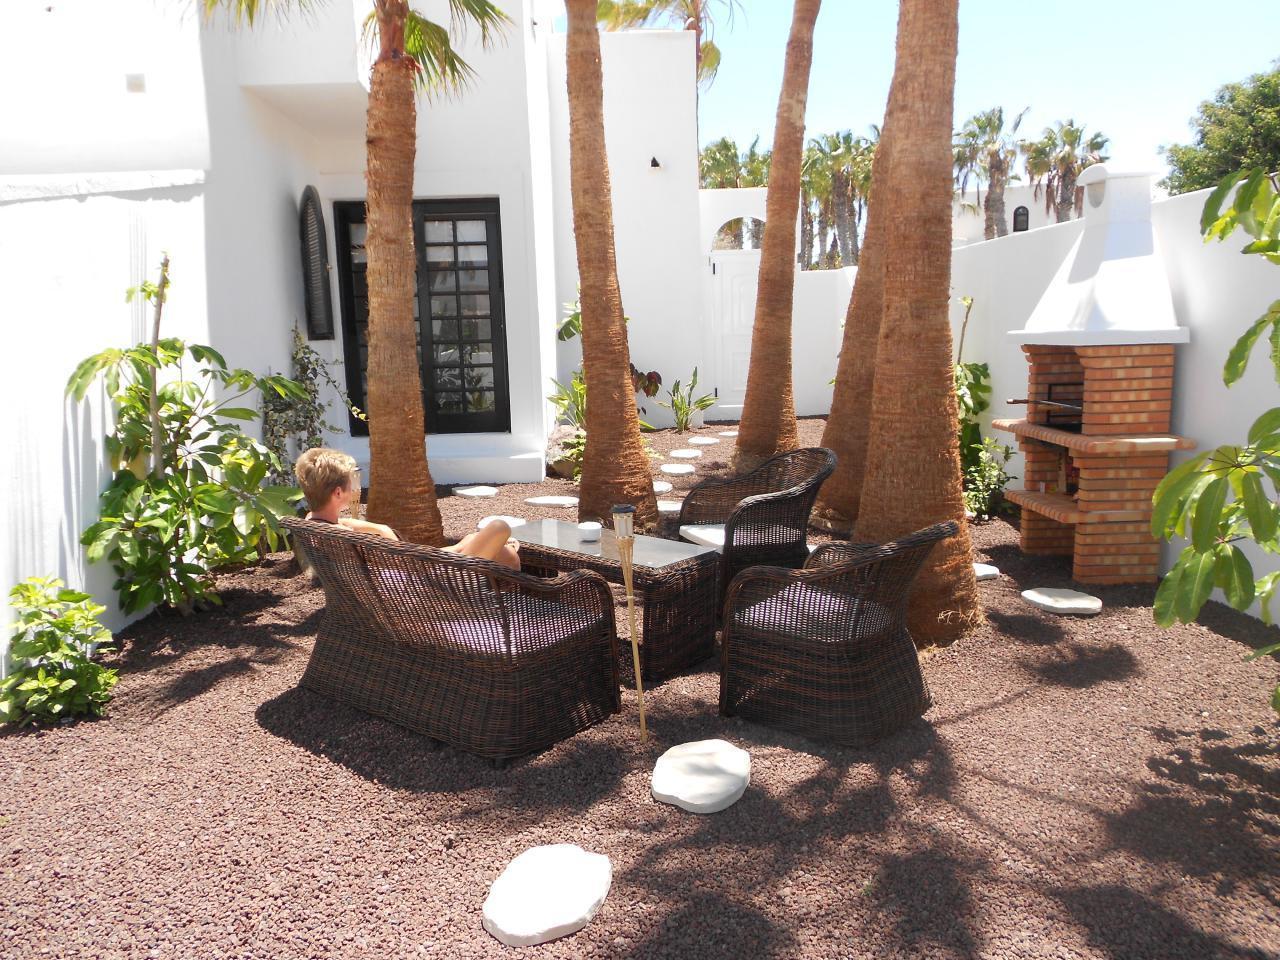 Ferienwohnung Costa Calma mit privatem Garten direkt am Strand (1851118), Costa Calma, Fuerteventura, Kanarische Inseln, Spanien, Bild 14